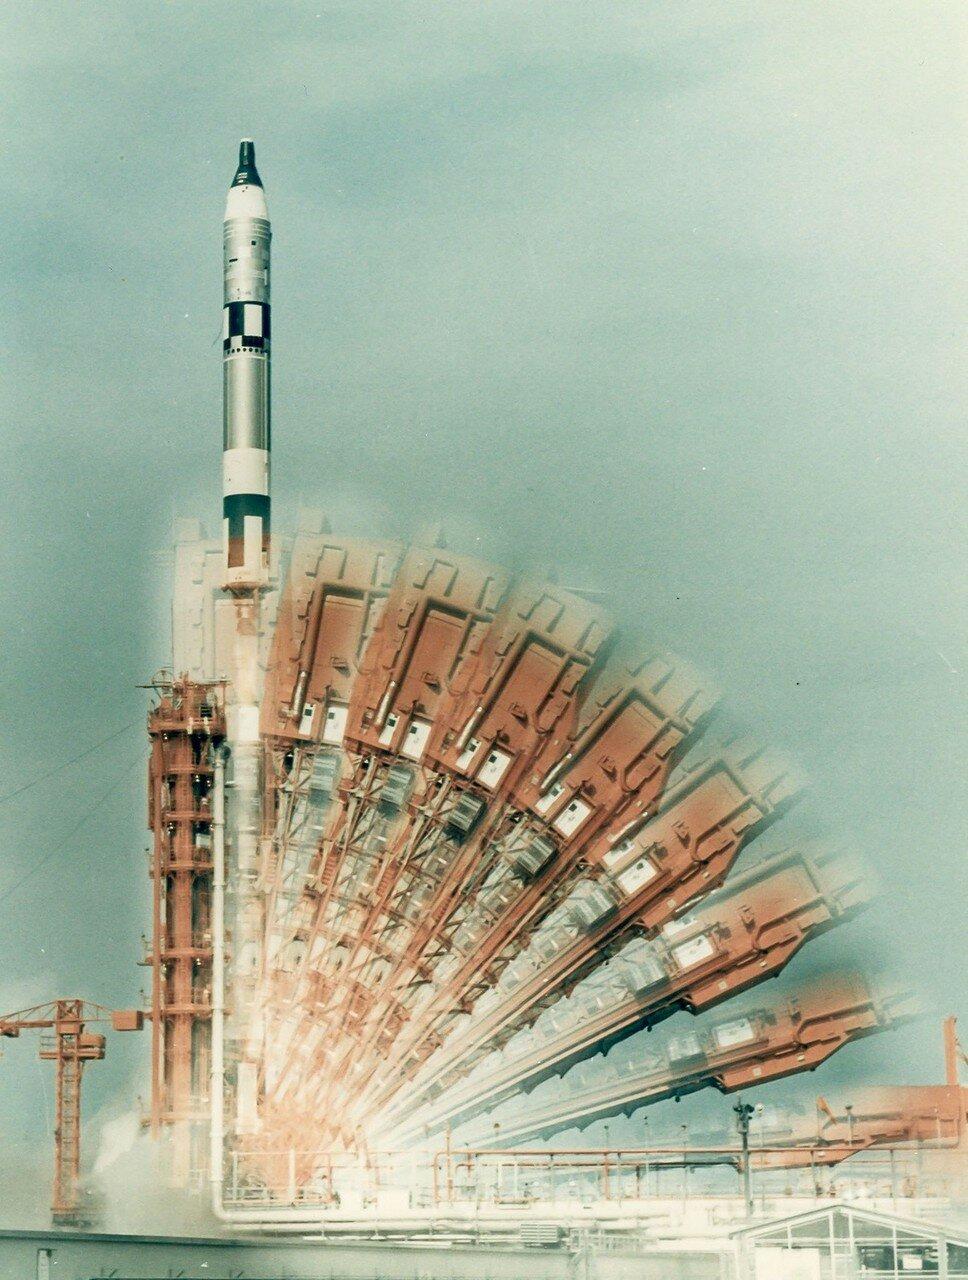 1966, 18 июля. Старт Джемини-10. Основной целью полёта являлось сближение и стыковка с мишенью «Аджена-X»